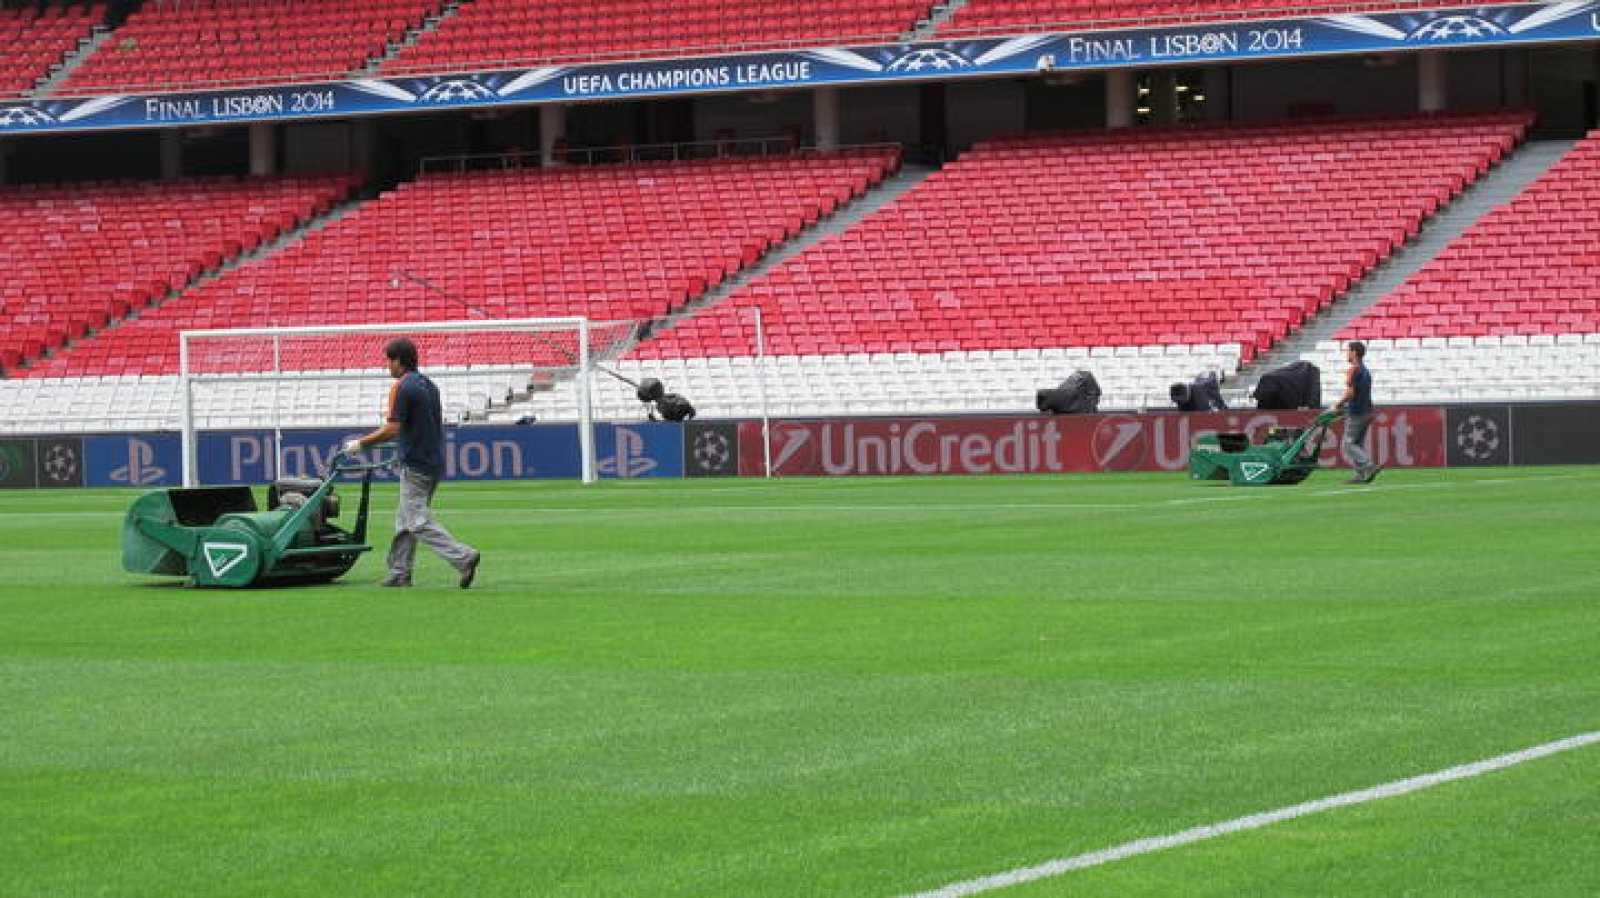 Dos operarios trabajan sobre el césped del Estádio da Luz.